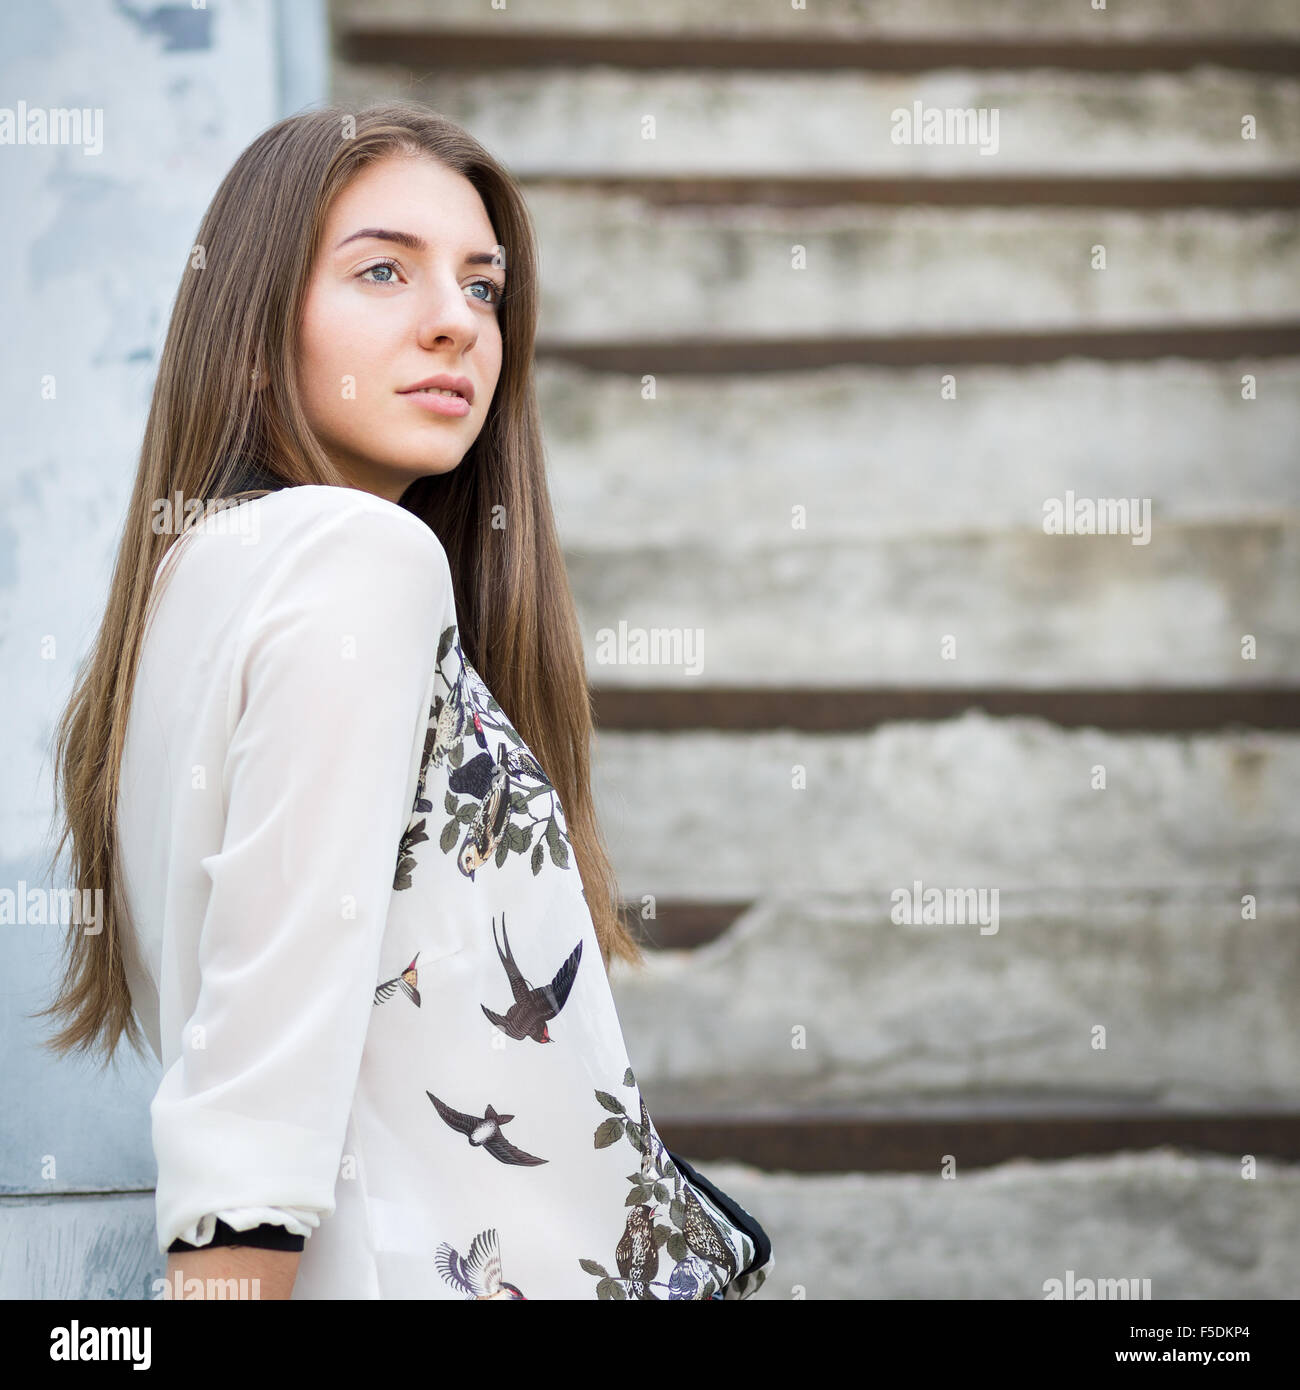 Hermosa niña adulta de pie en las escaleras y mirando directamente Imagen De Stock